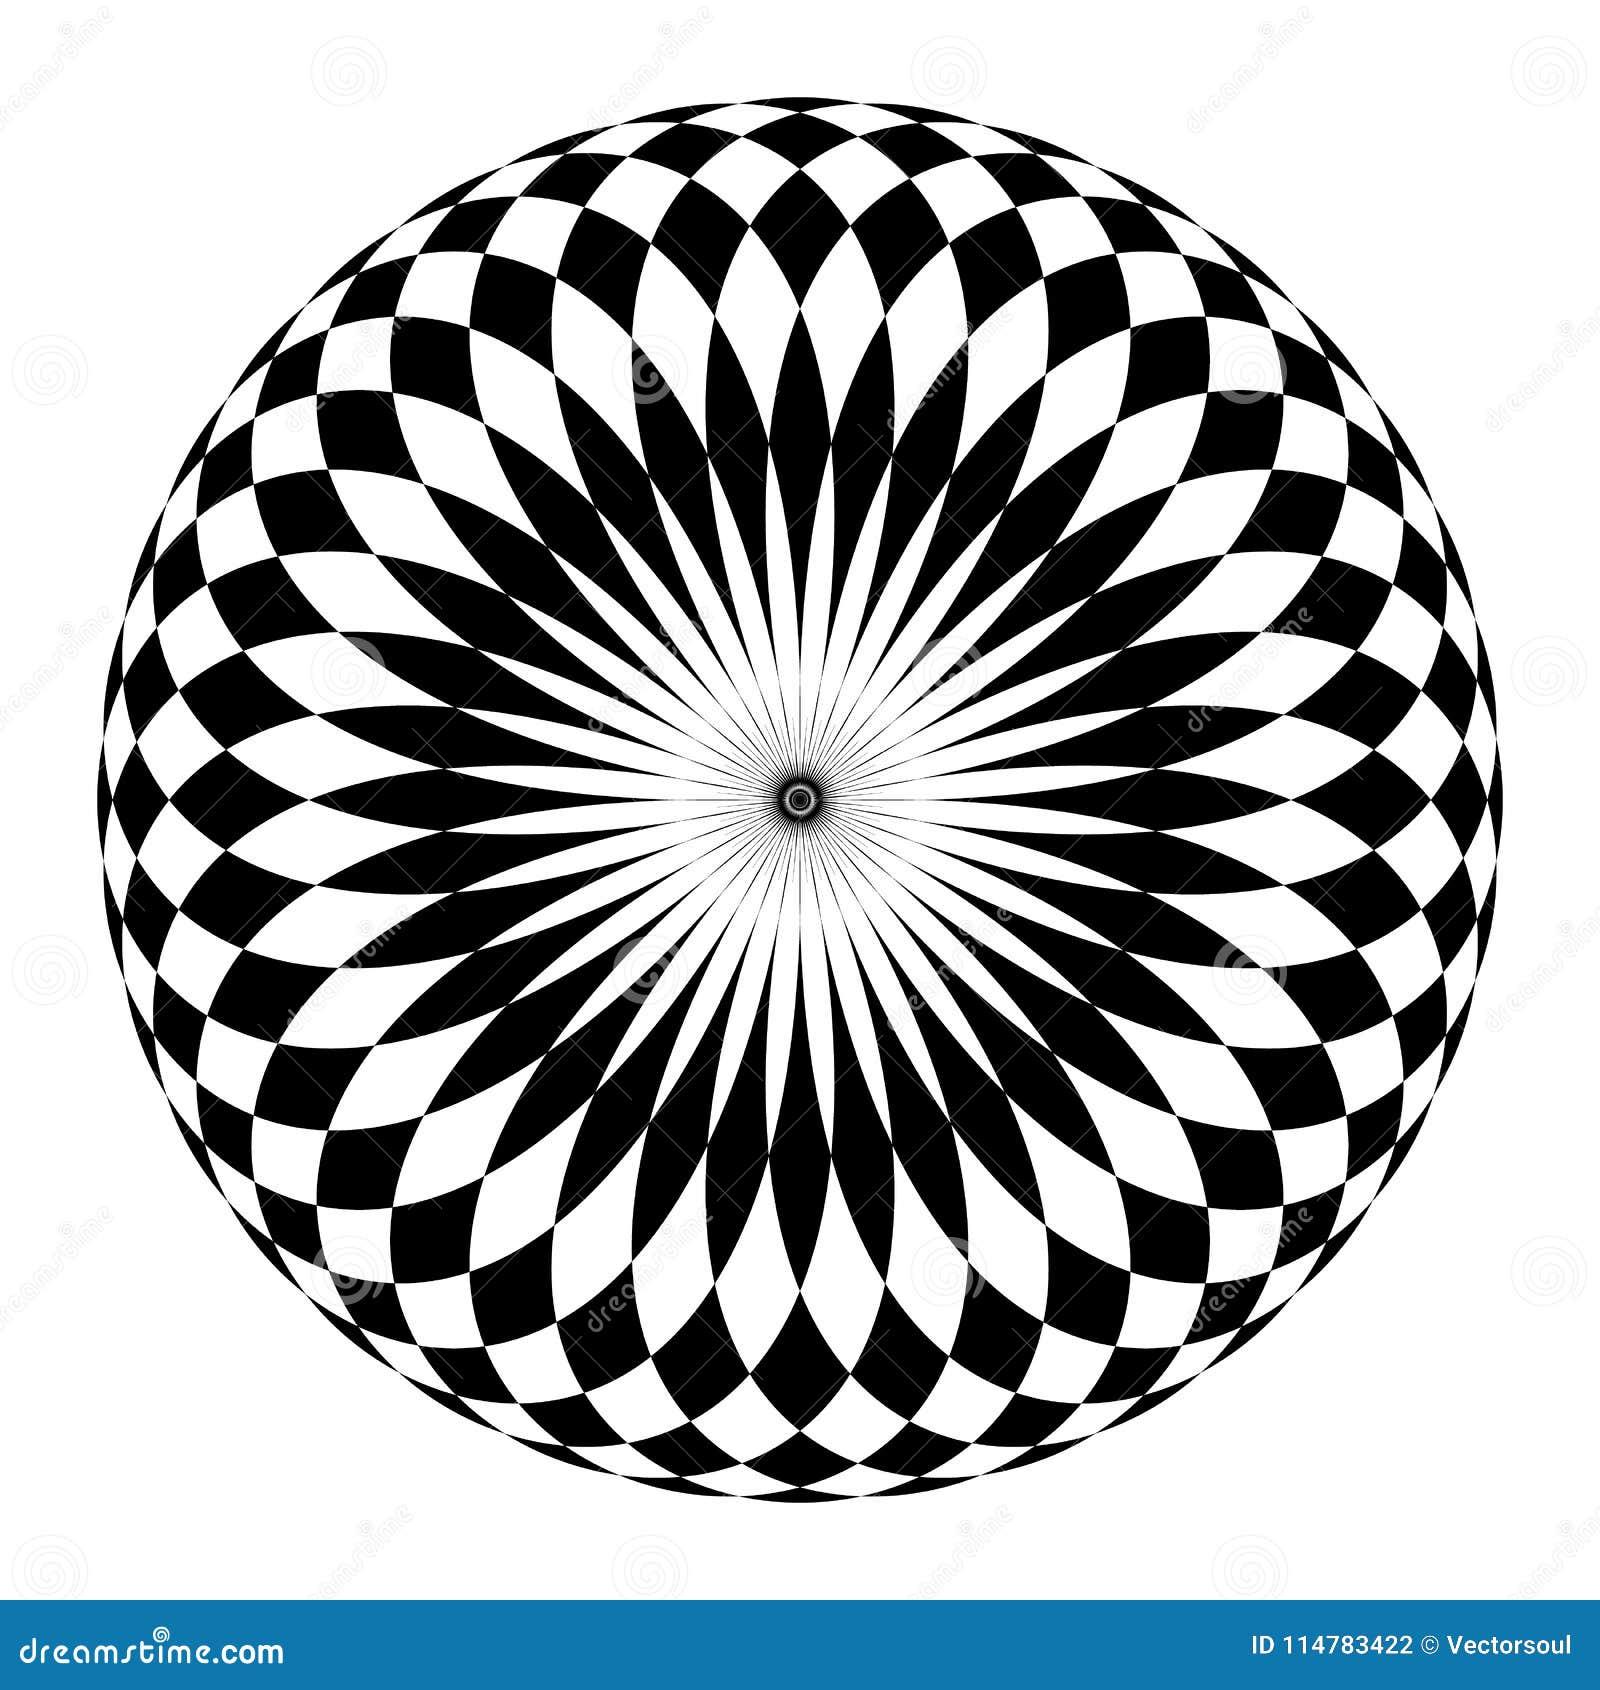 Disegni Geometrici Bianco E Nero motivo circolare astratto, mandala geometrica in bianco e